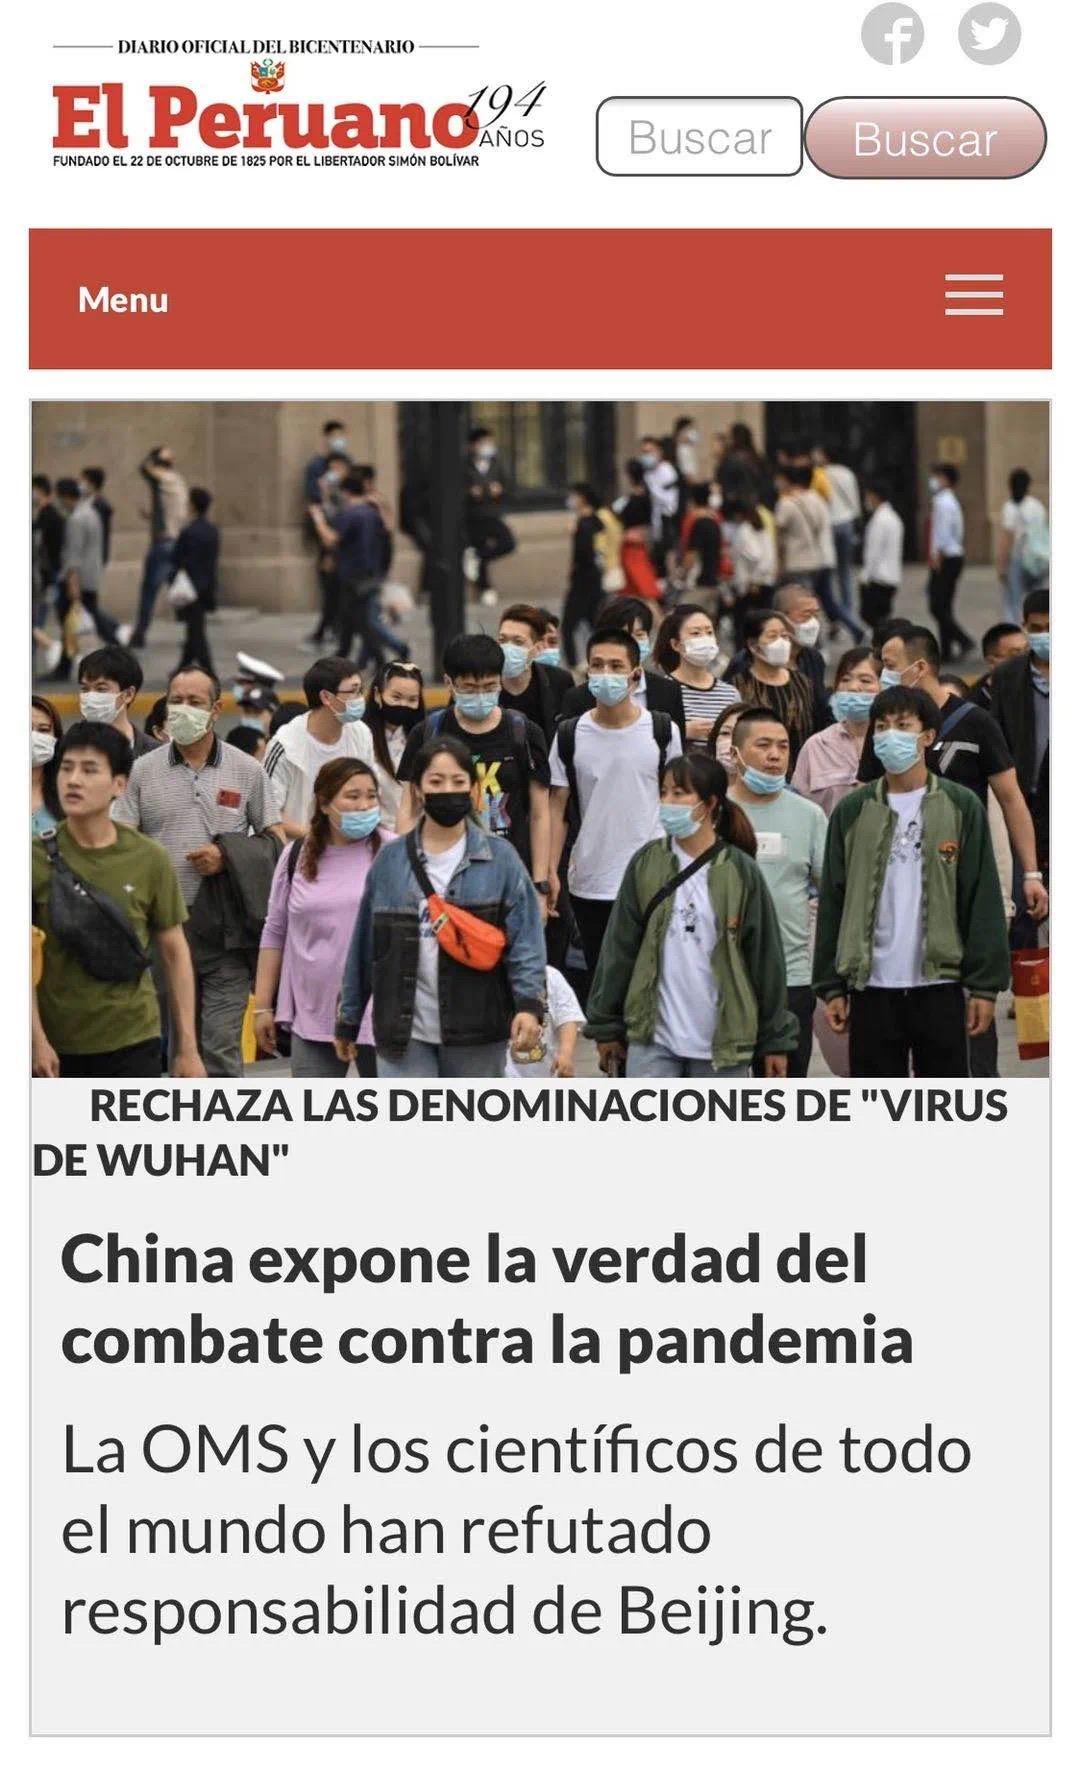 秘鲁官方媒体刊登《美国关于新冠肺炎疫情的涉华谎言与事实真相》节选